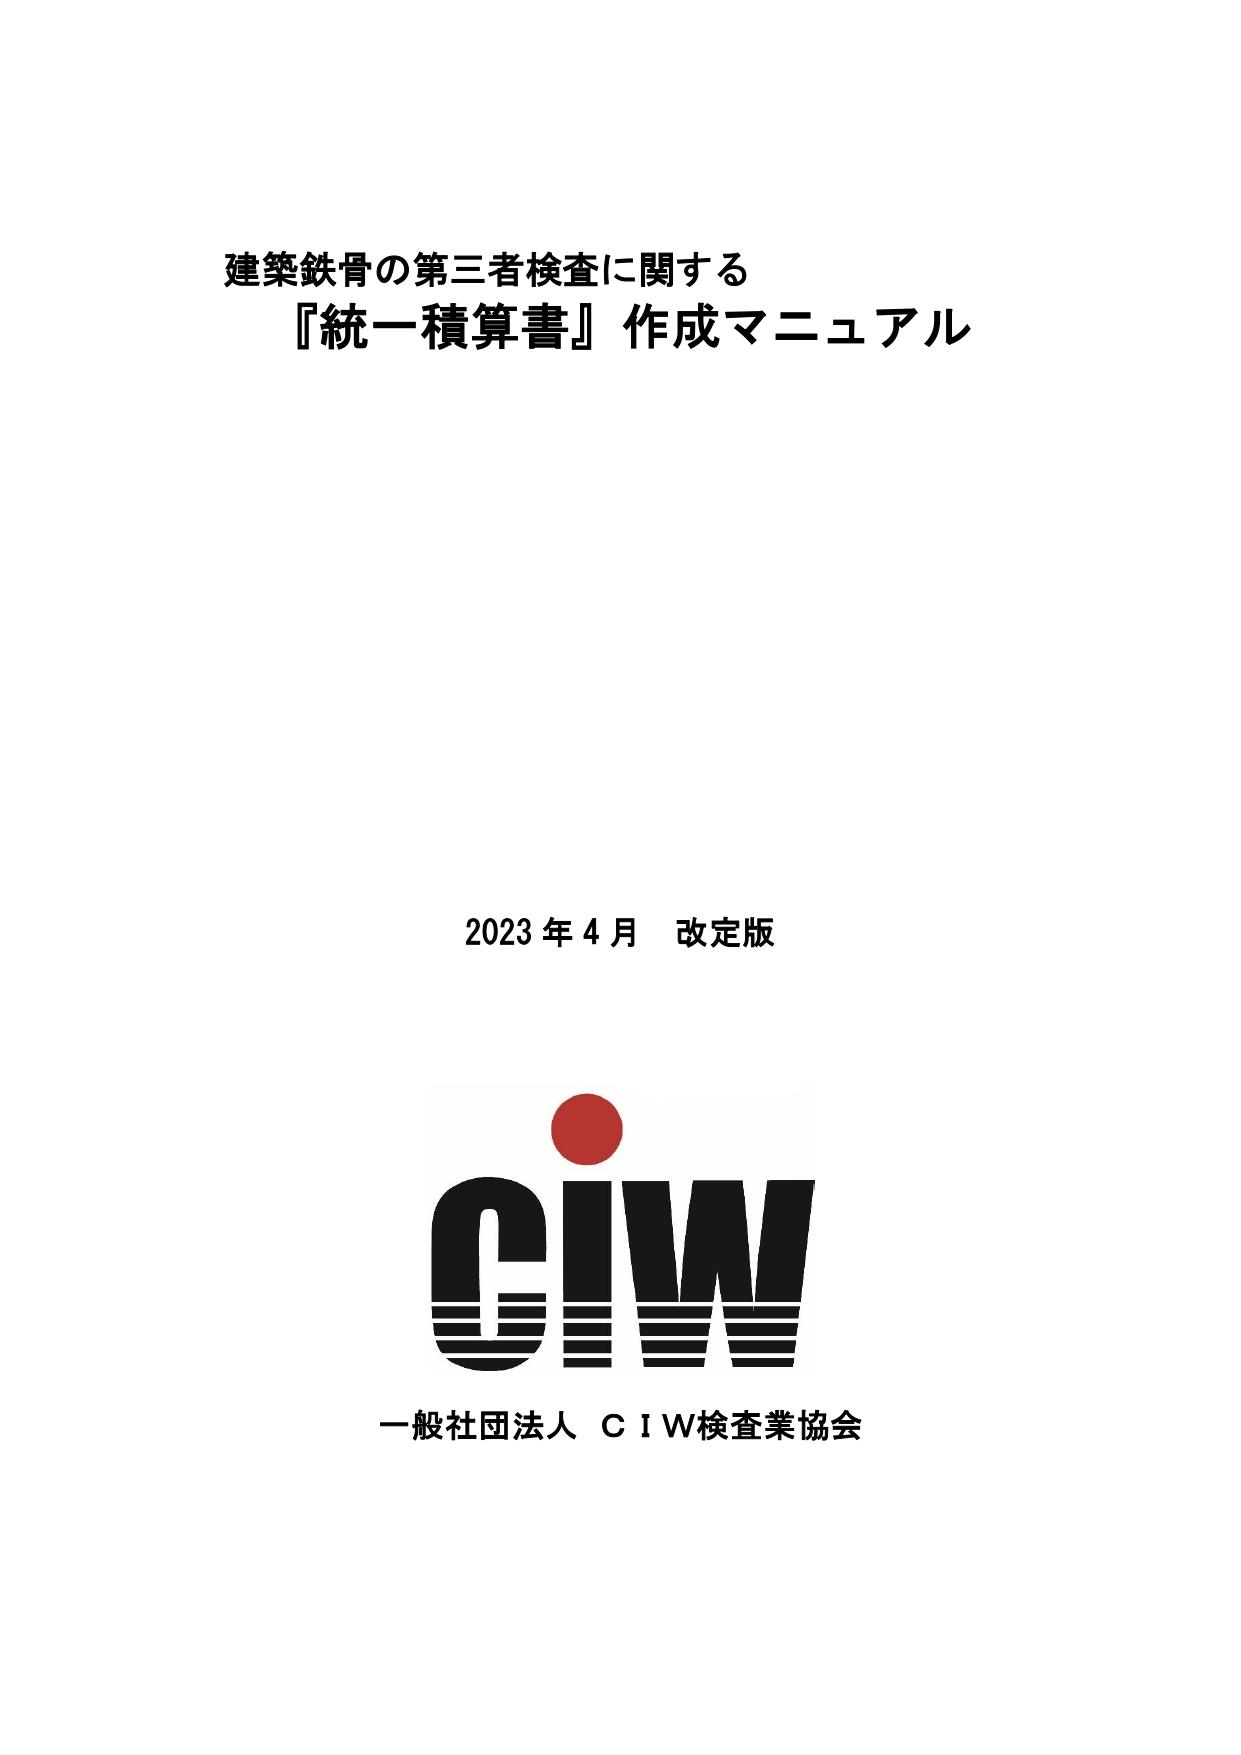 建築鉄骨に関する『統一御見積書』作成マニュアル